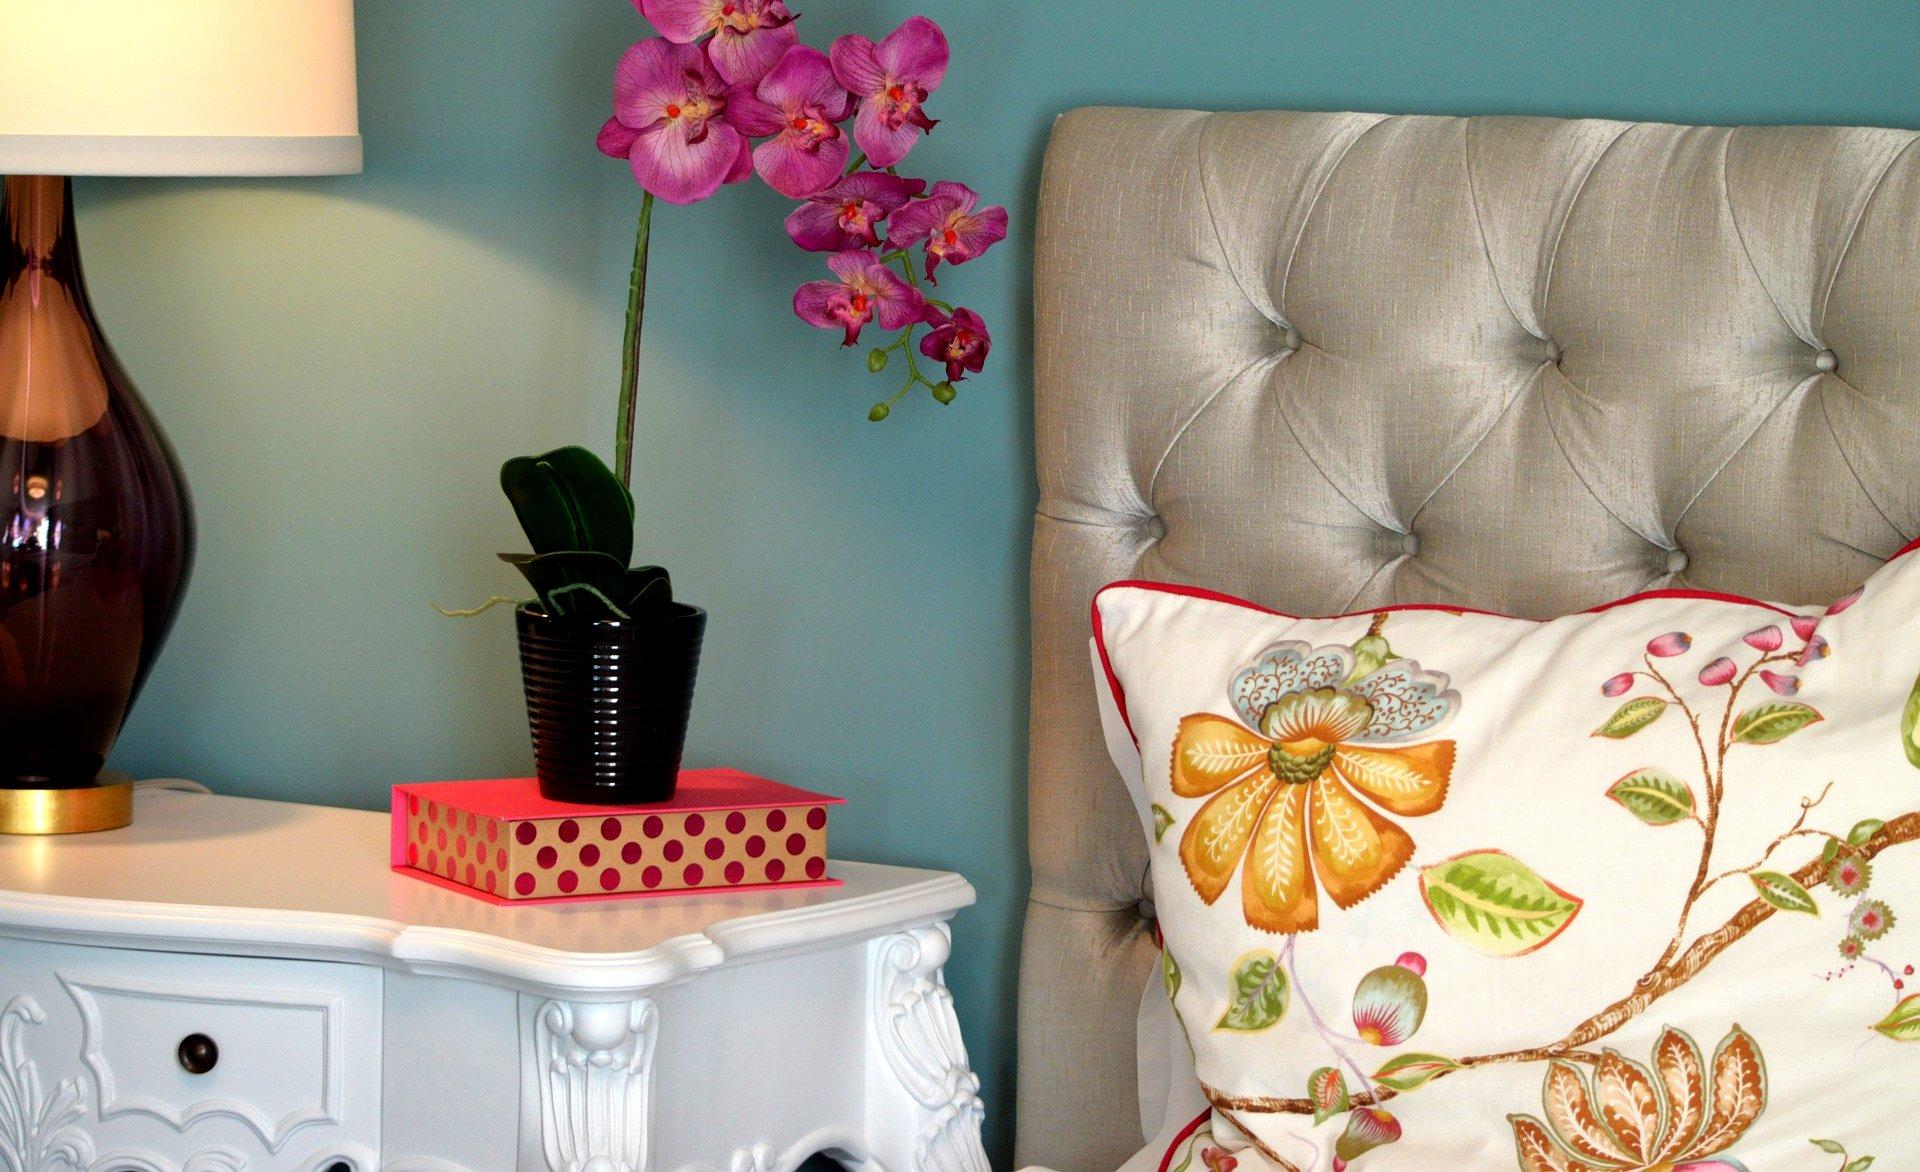 Come rendere unica la casa in 5 semplici mosse - Piante per camera da letto ...